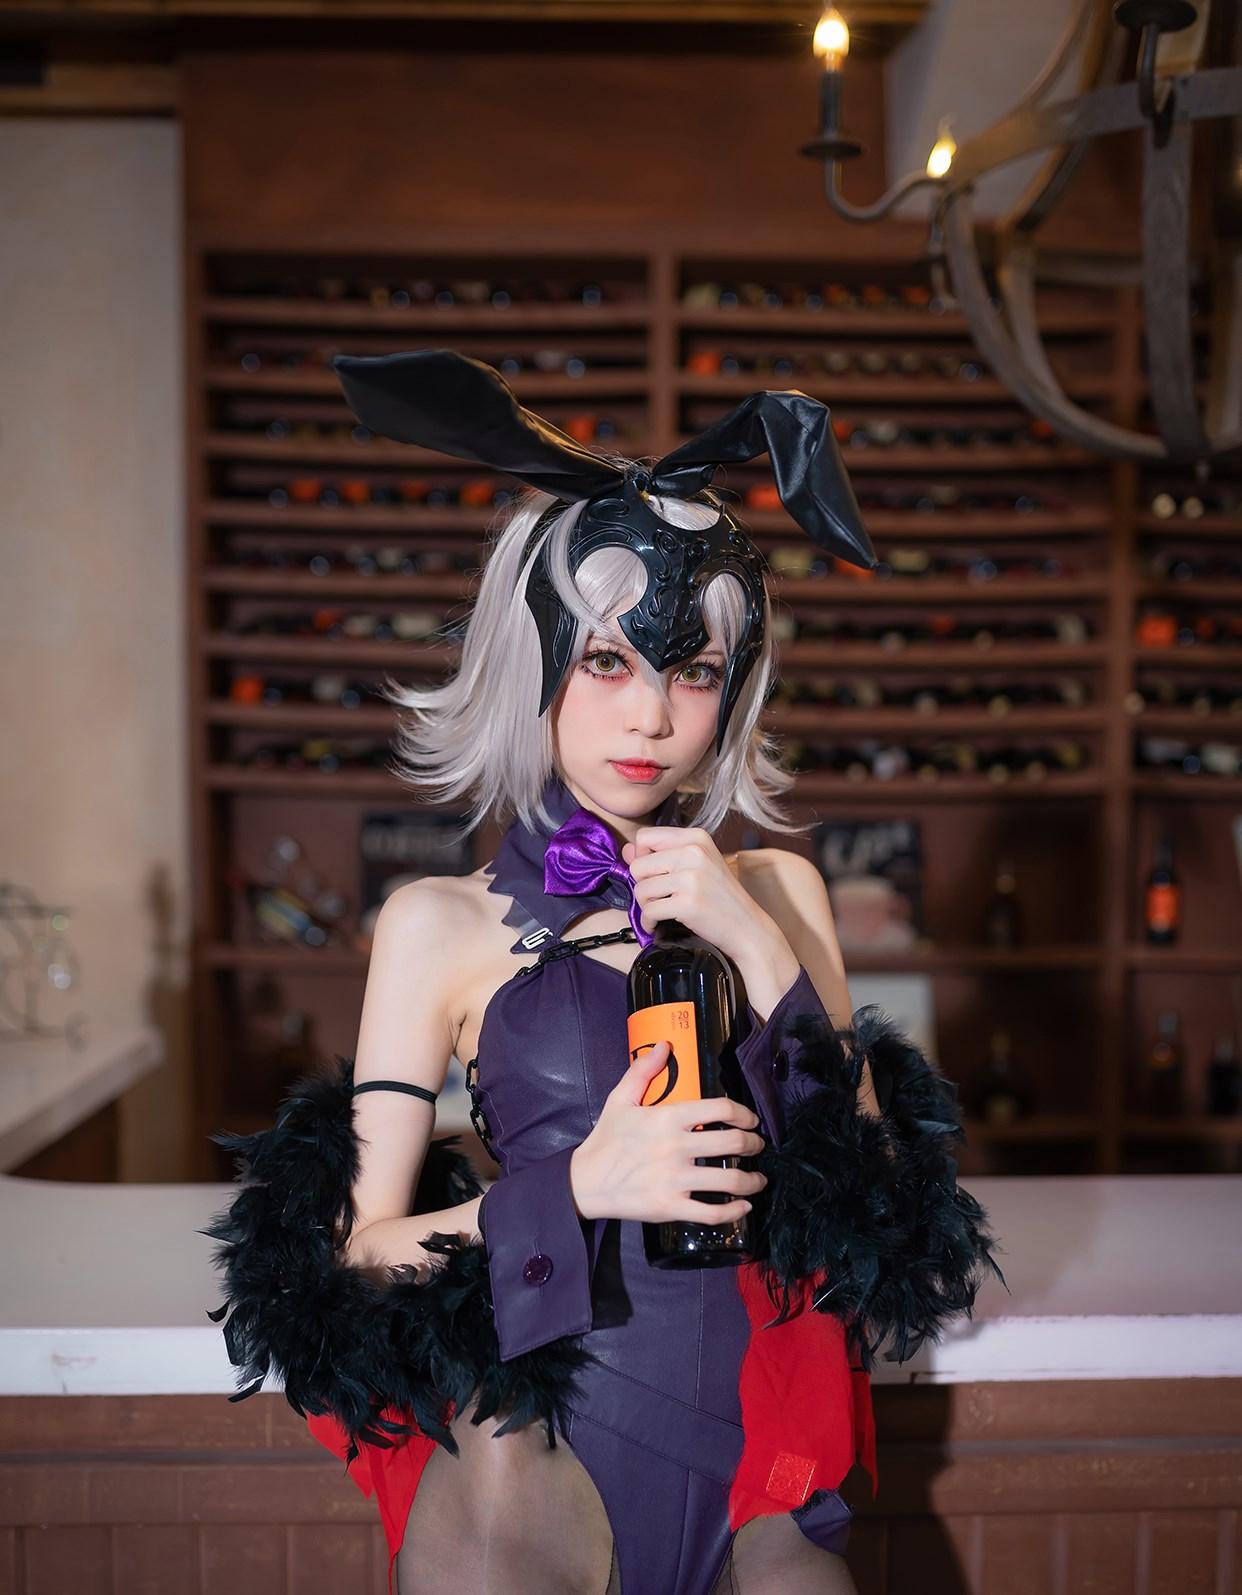 【兔玩映画】兔女郎vol.13-贞德 兔玩映画 第19张